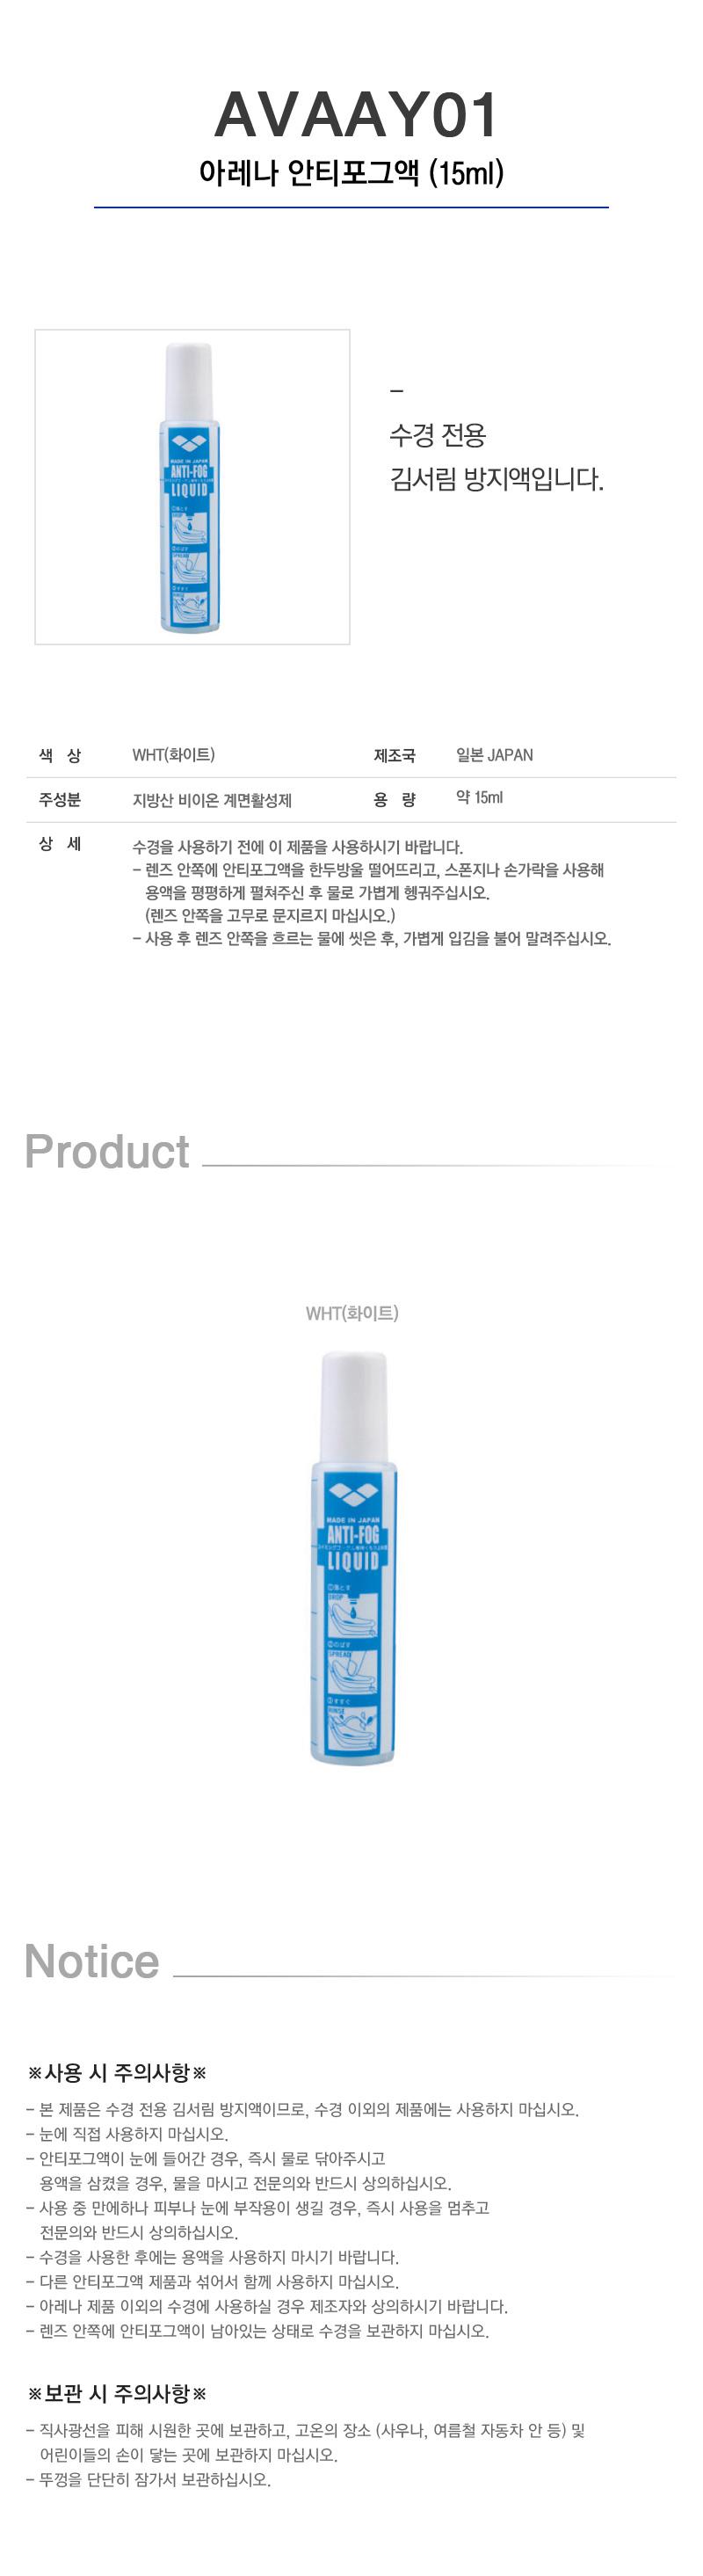 아레나(ARENA) 공용 안티포그액 수영용품 AVAAY01